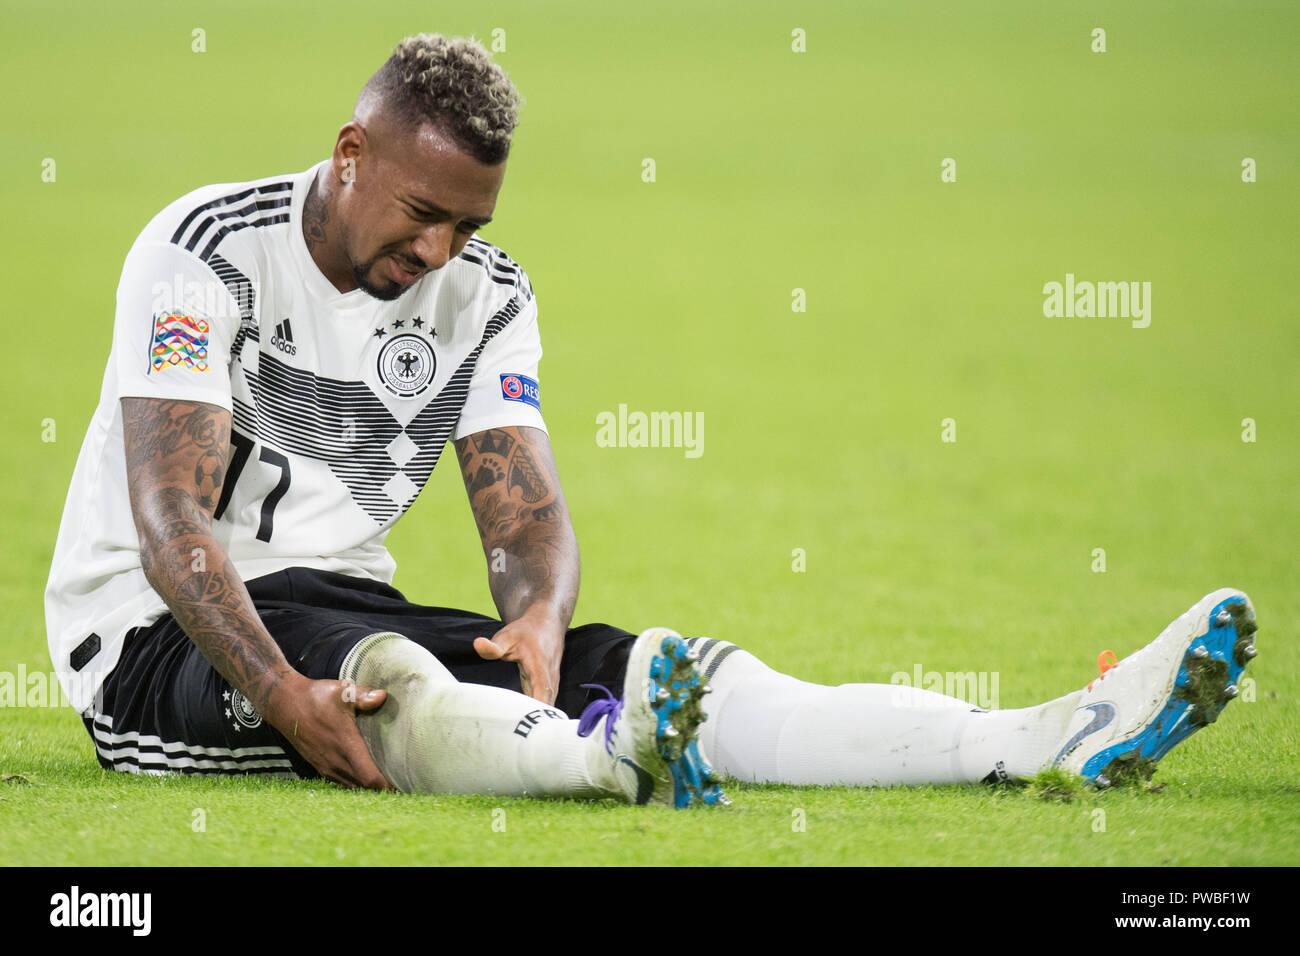 Jerome Boateng Ger Sitzt Auf Dem Platz Und Halt Sein Bein